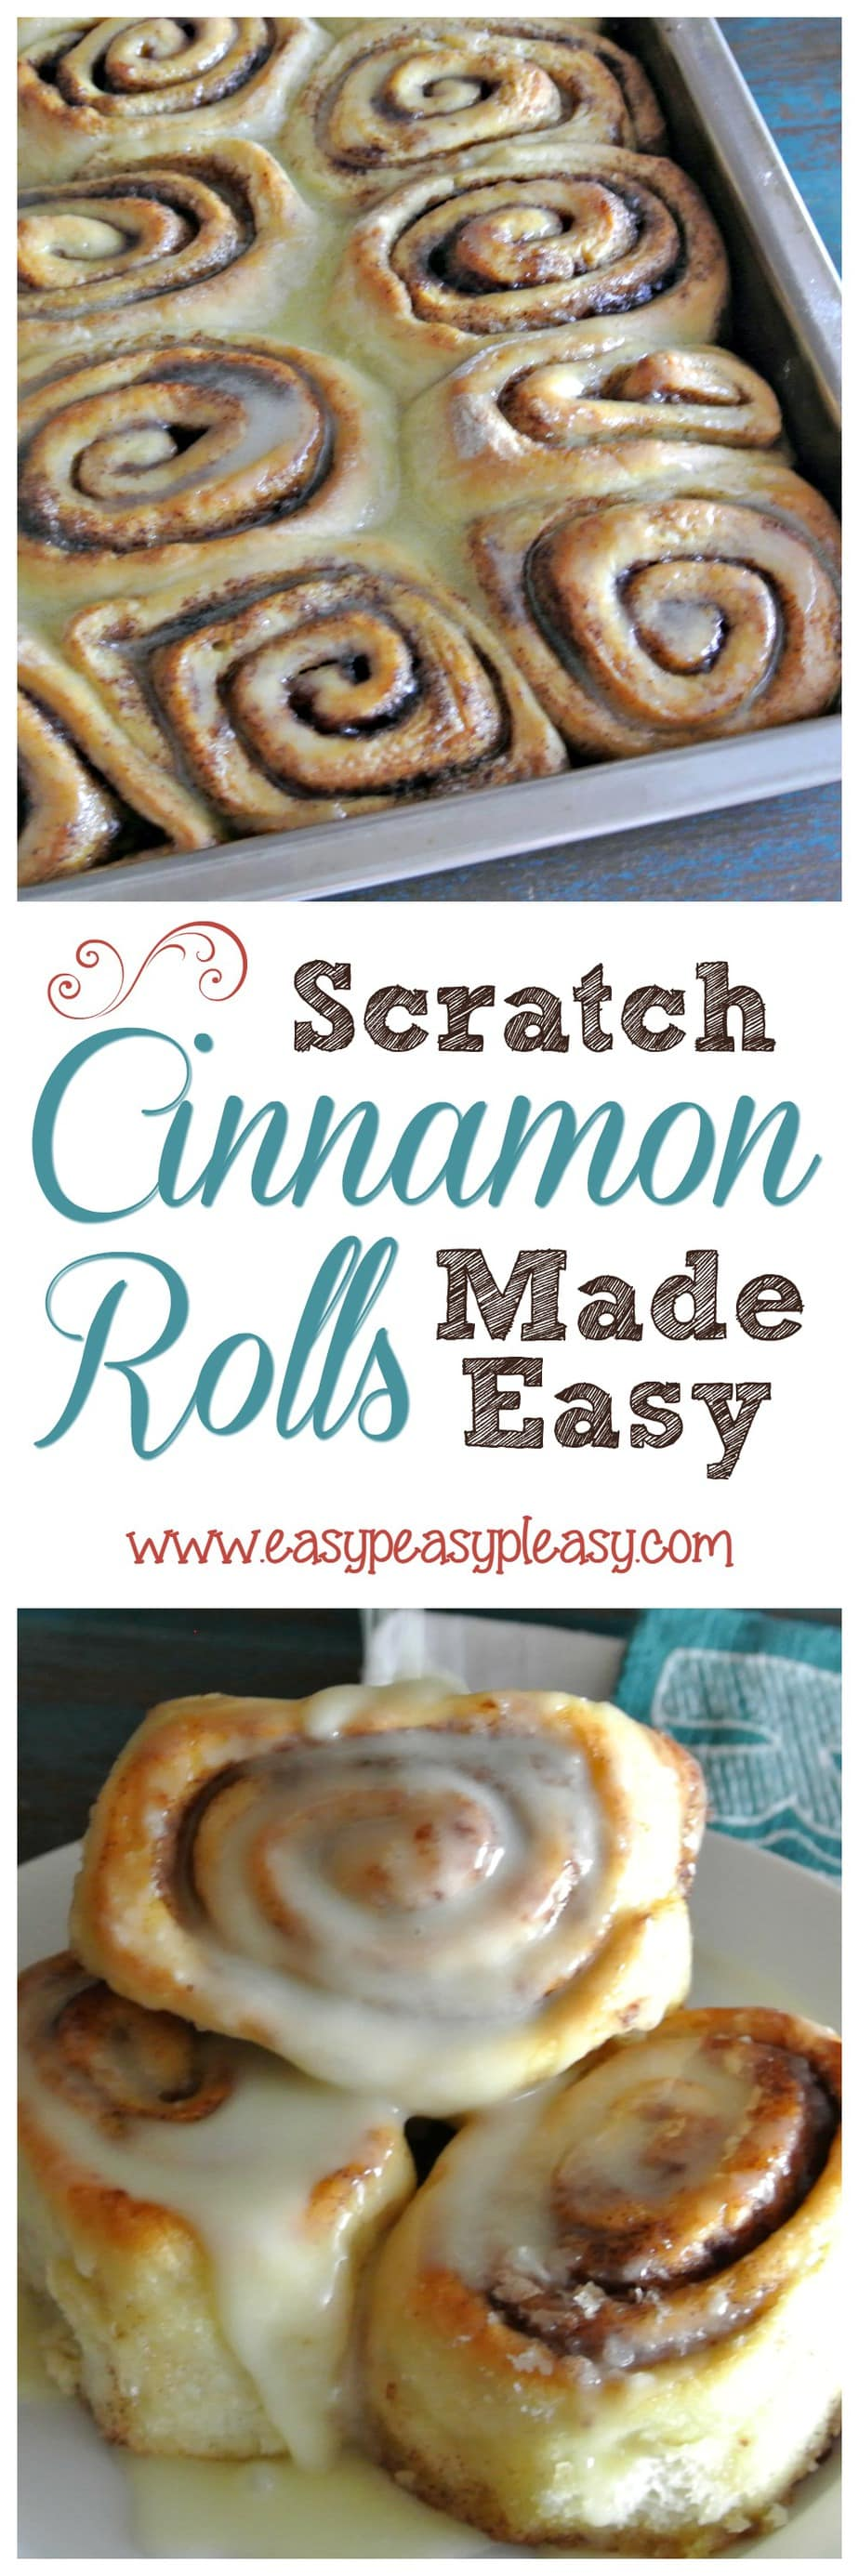 Scratch Cinnamon Rolls Made Easy!